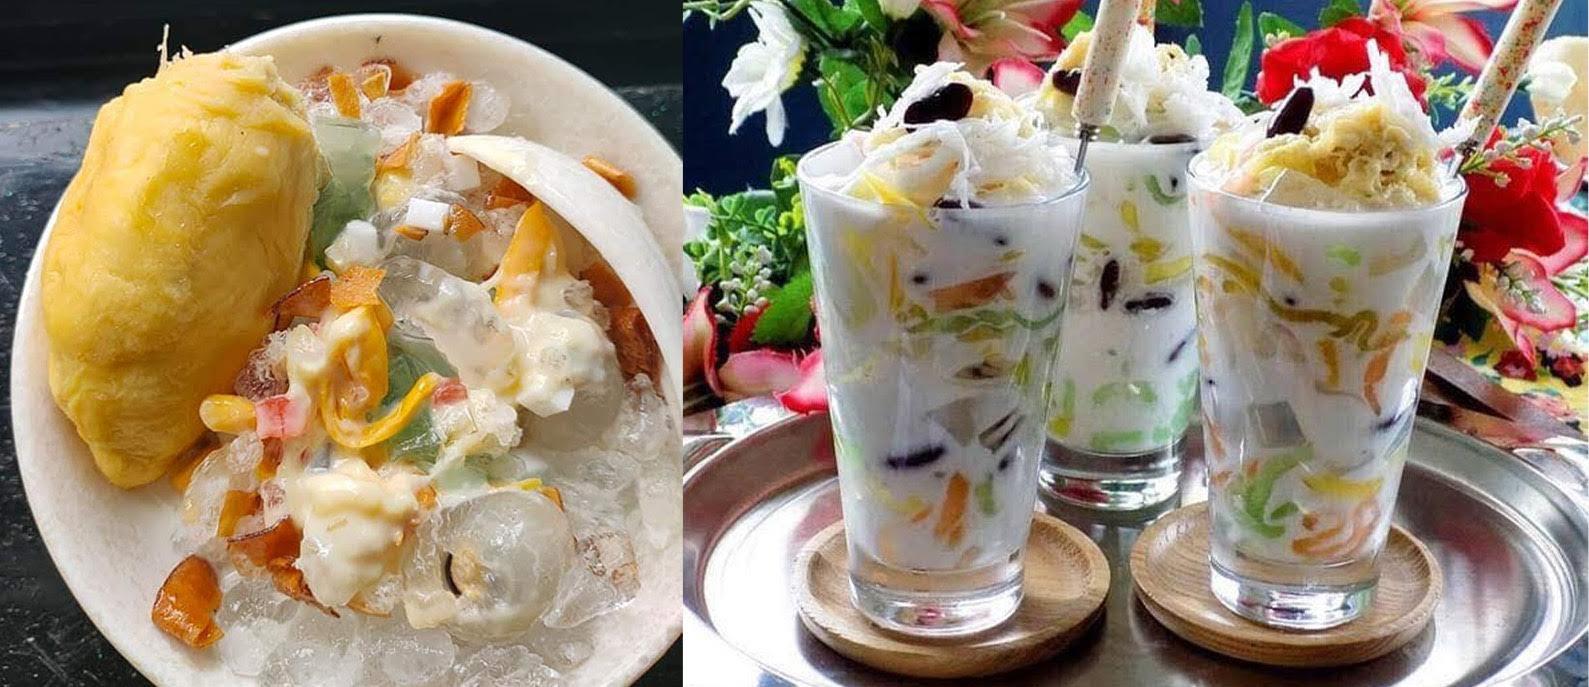 5 bước làm chè Thái sầu riêng đơn giản, ăn bao ngon bao nghiền